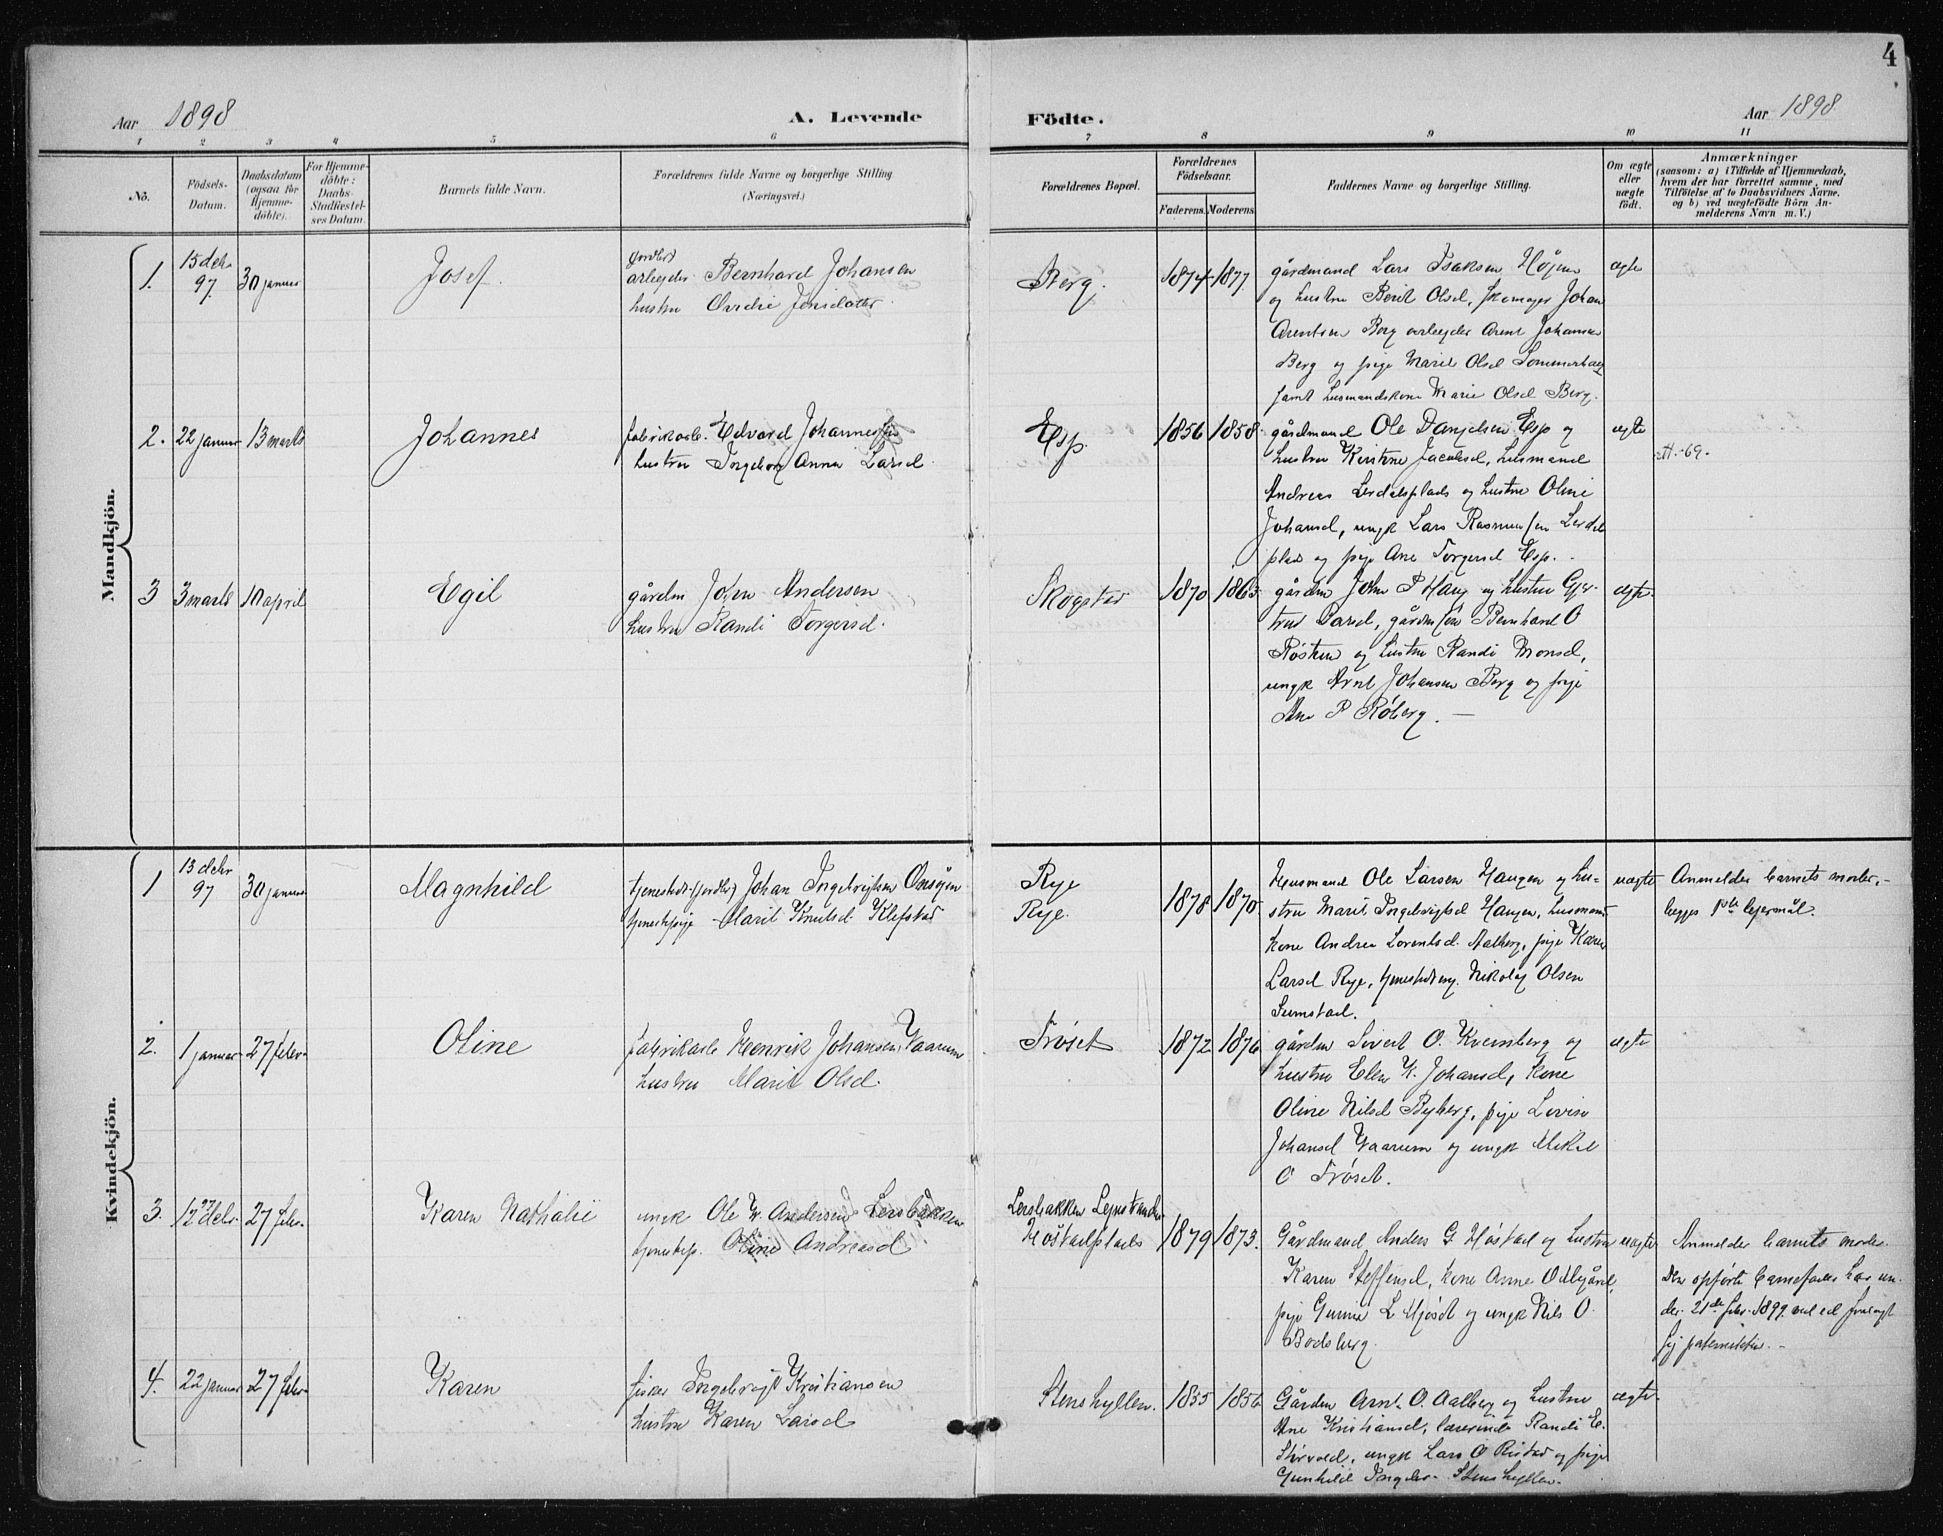 SAT, Ministerialprotokoller, klokkerbøker og fødselsregistre - Sør-Trøndelag, 612/L0380: Ministerialbok nr. 612A12, 1898-1907, s. 4